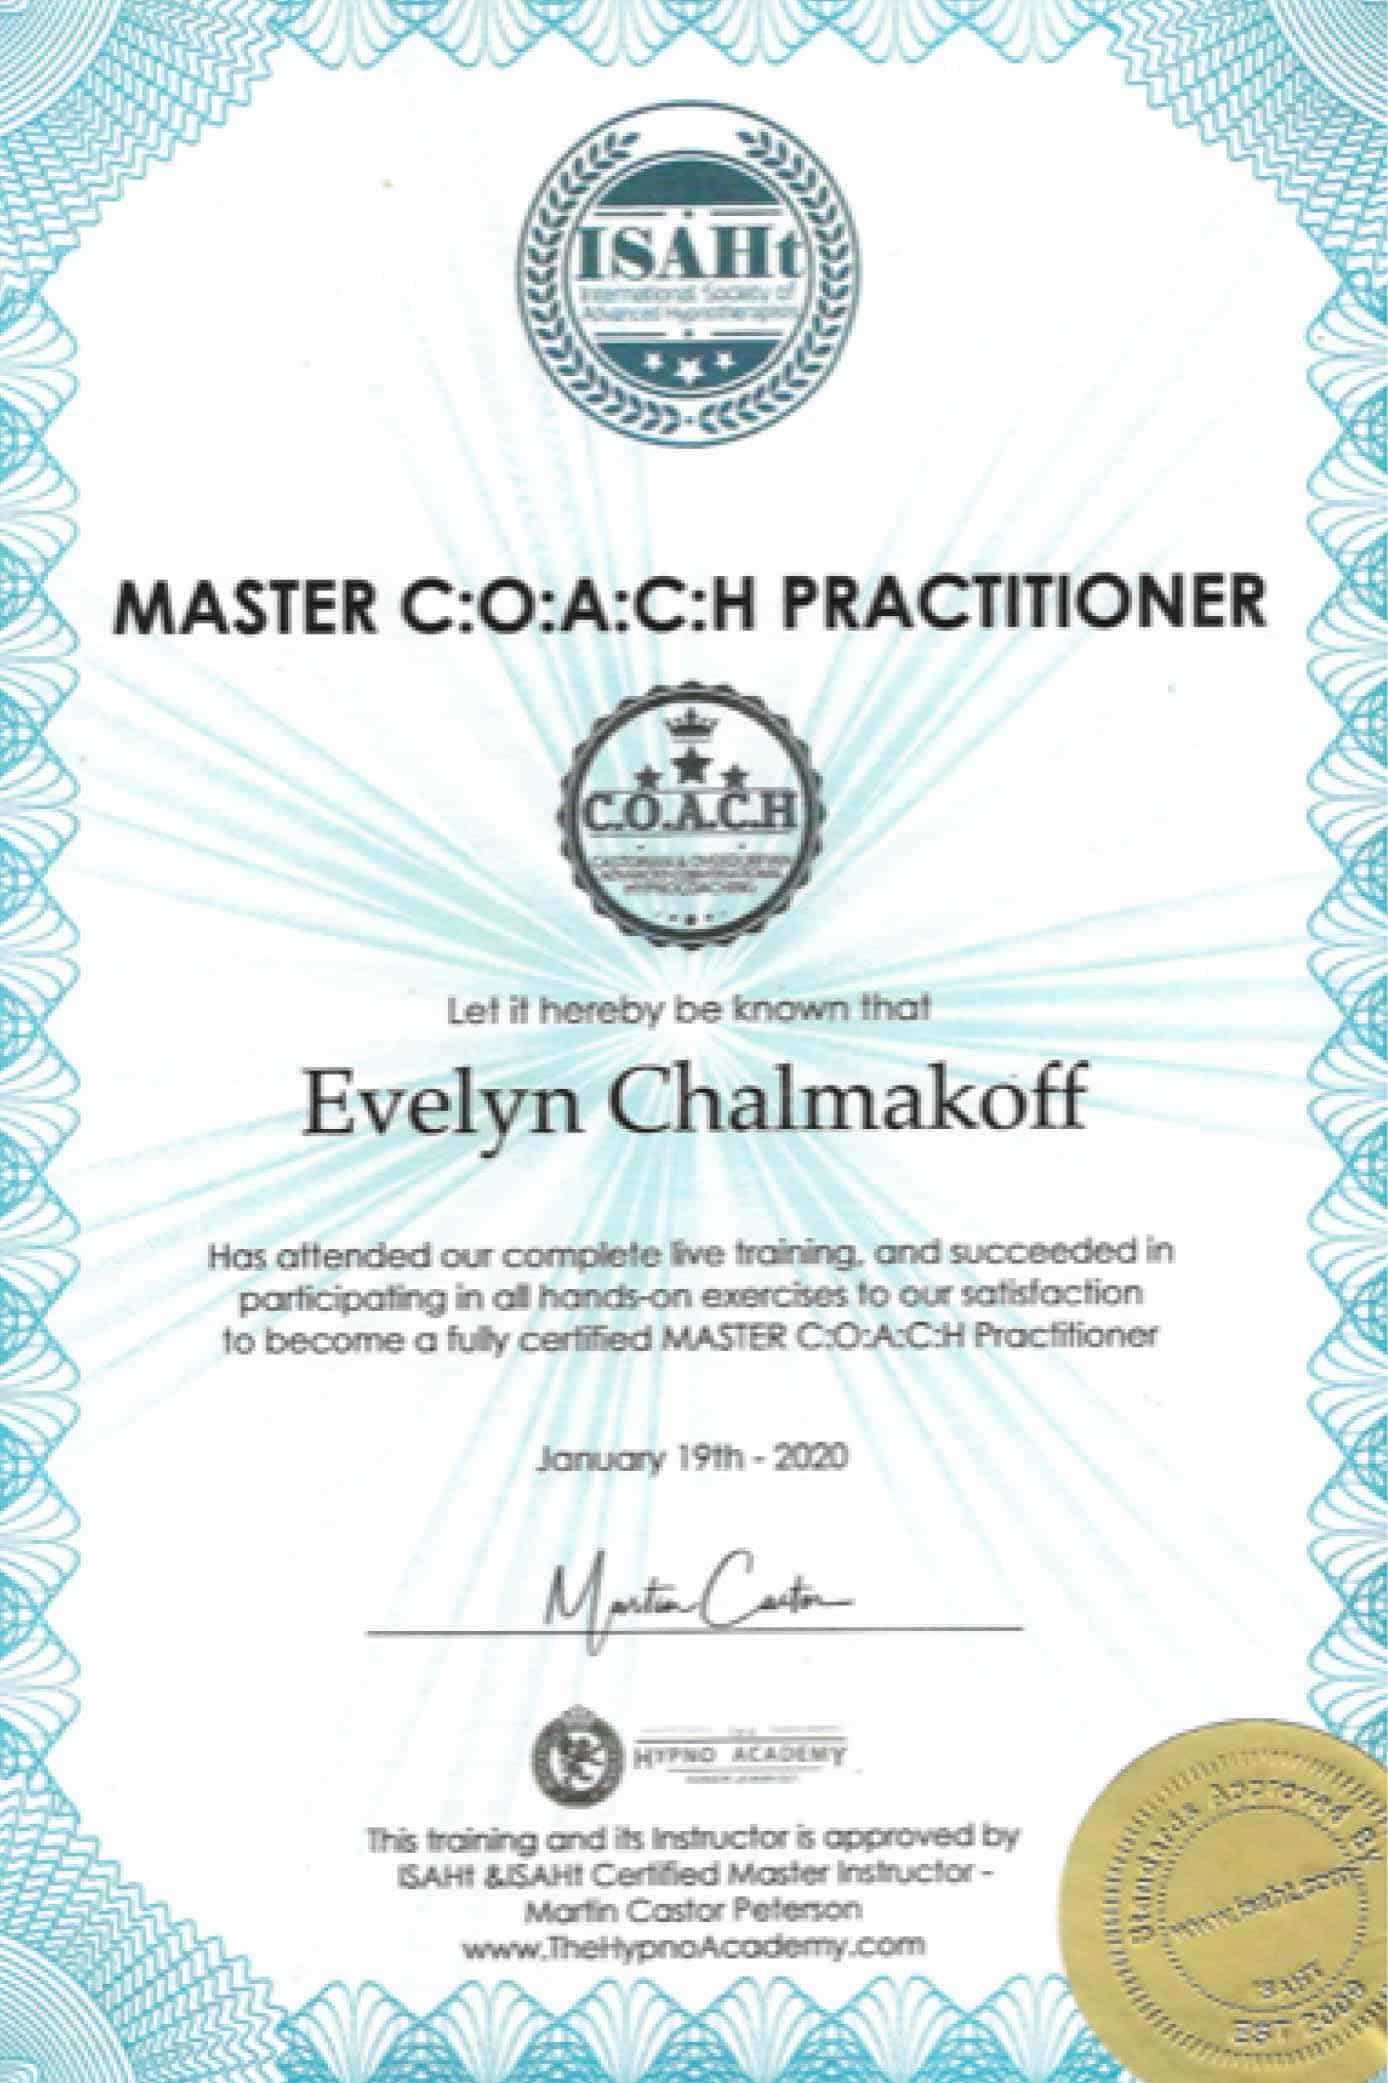 Master C:O:A:C:H Practitioner,